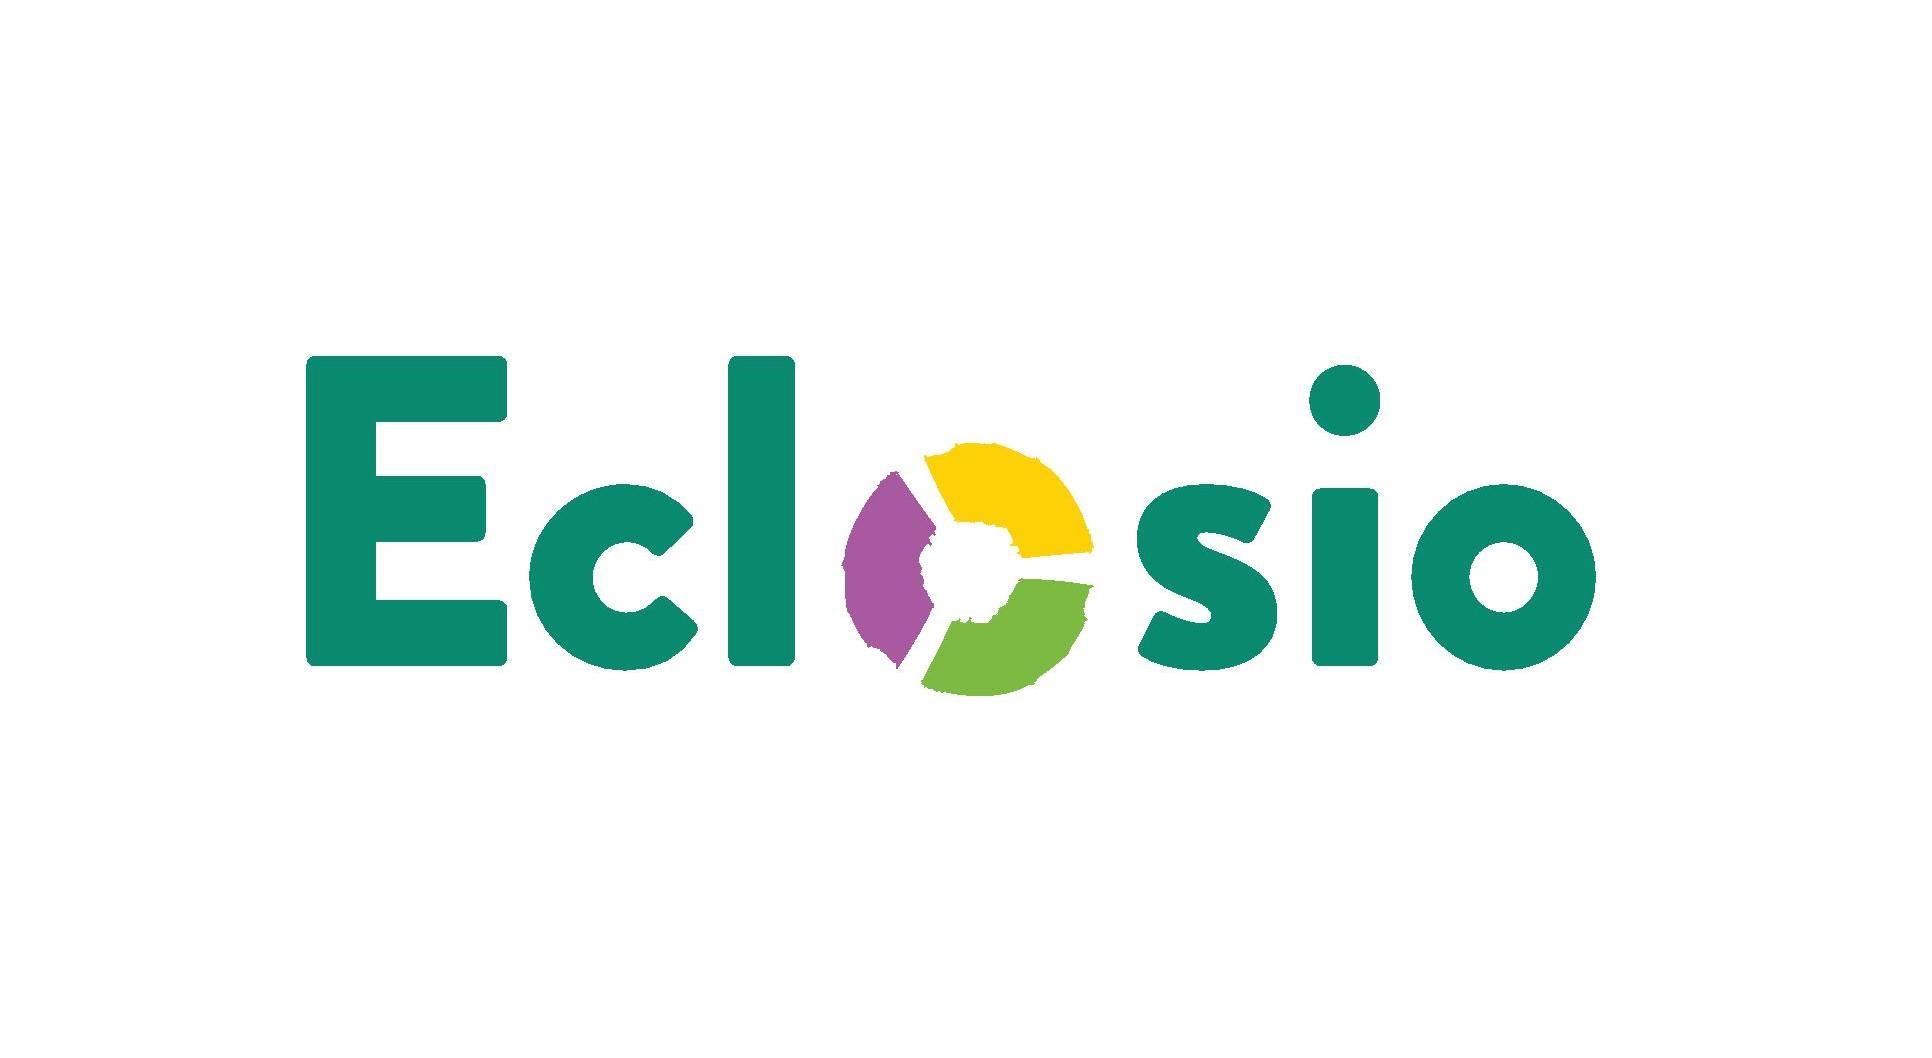 Eclosio